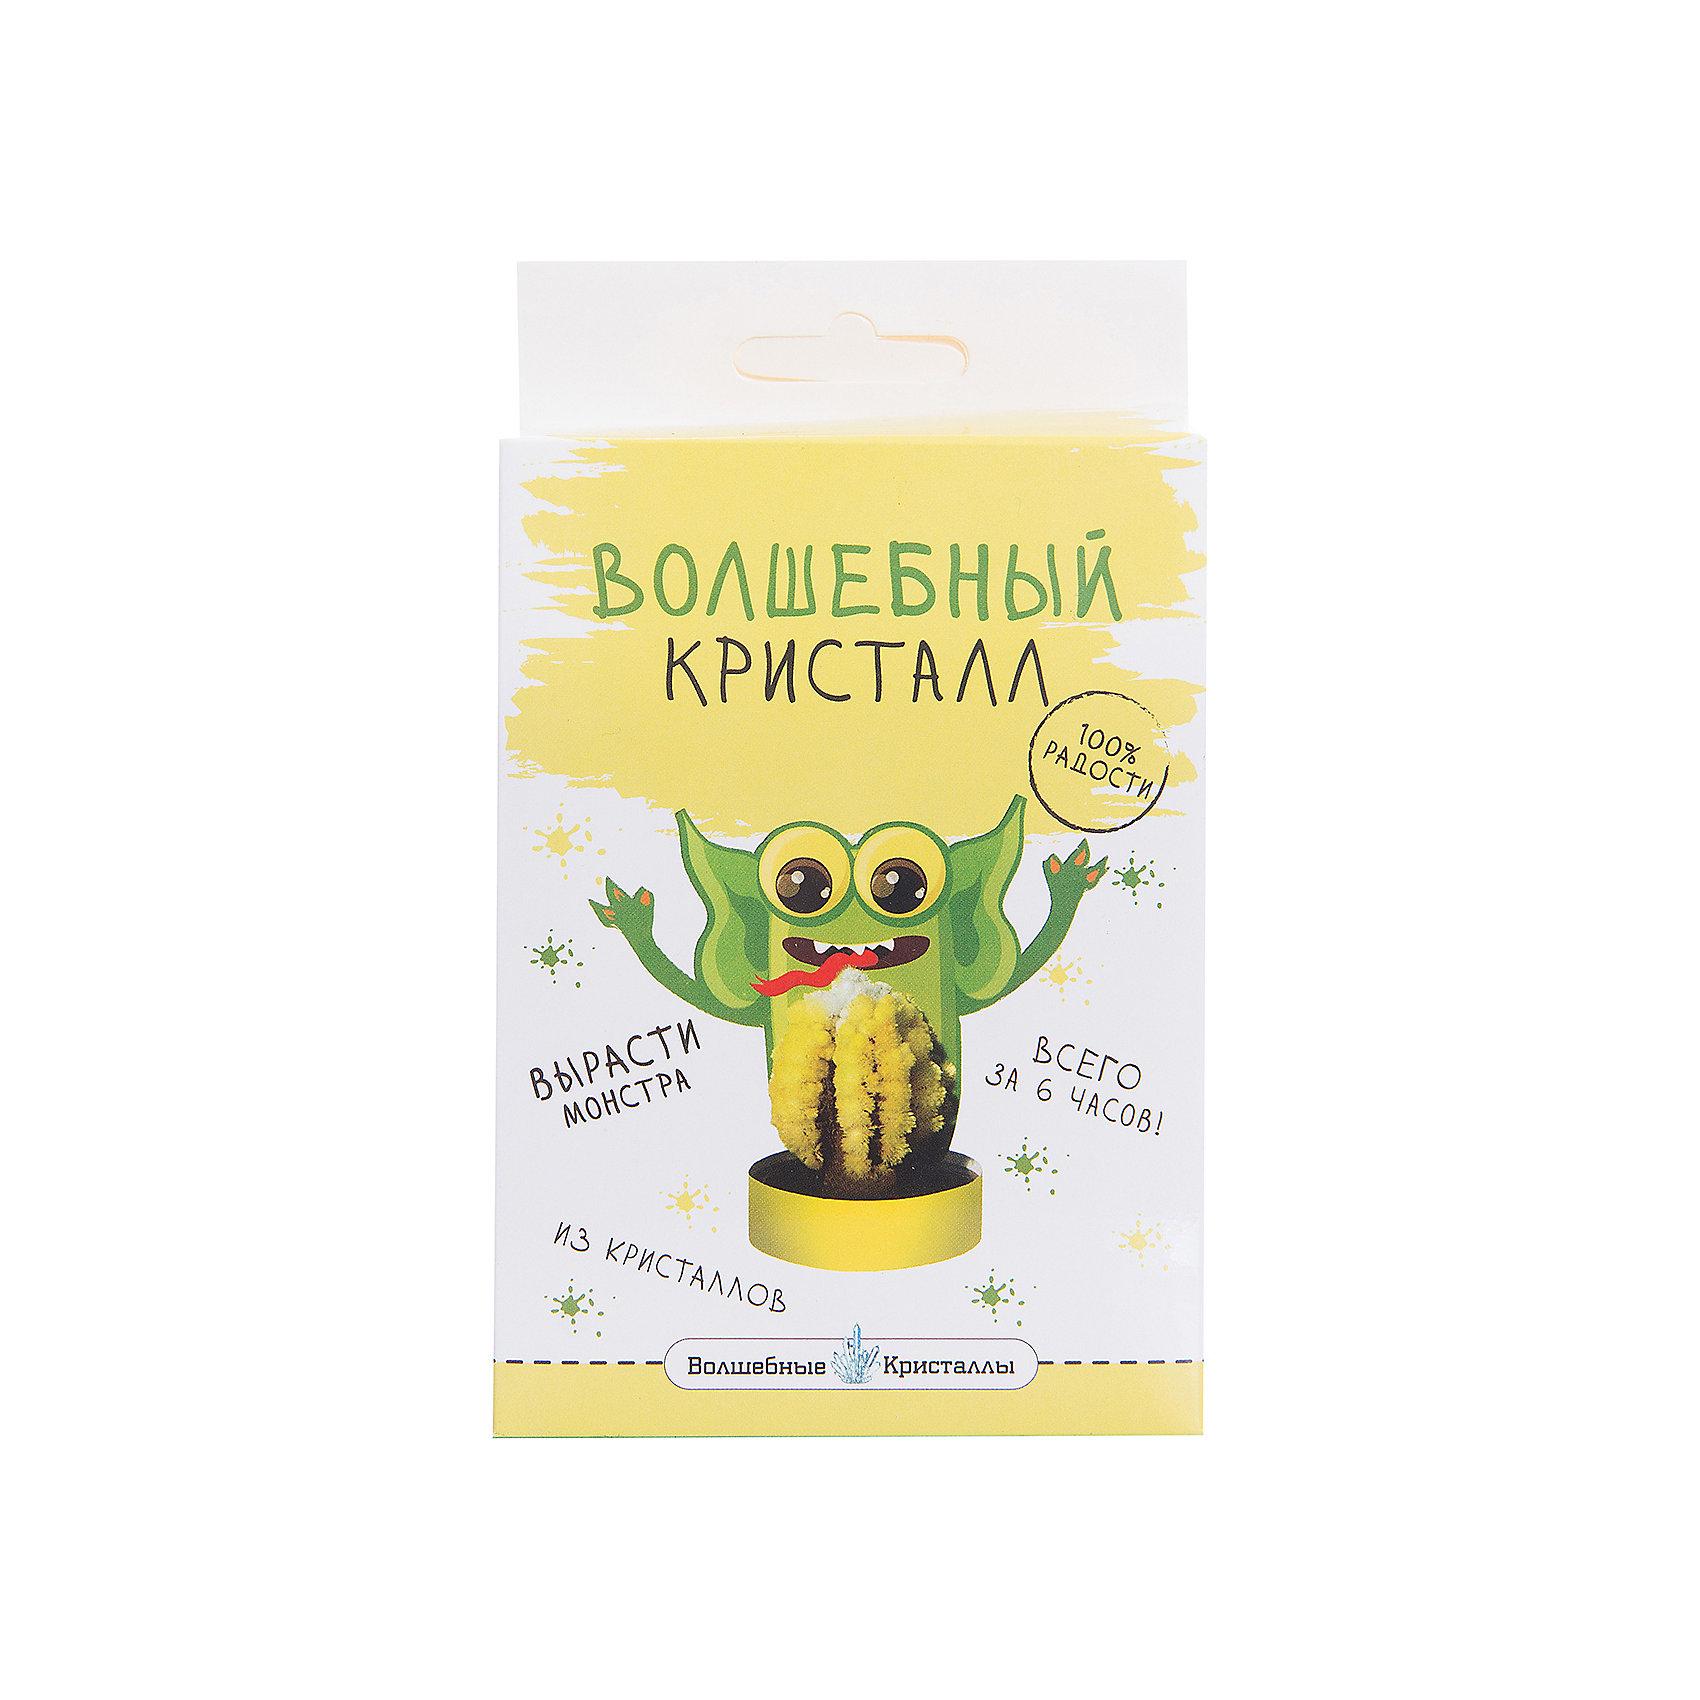 Волшебные кристаллы Зеленый монстрик БумбарамКристаллы<br>Волшебные кристаллы Монстрик зеленый, Бумбарам<br><br>Характеристики:<br><br>• вы можете вырастить забавного монстра не выходя из дома.<br>• набор прост в использовании<br>• безопасен для детей<br>• пошаговая инструкция<br>• готовая поделка уже через 6 часов<br>• размер упаковки: 16,5х10х3 см<br>• вес: 50 грамм<br>• в комплекте: основа, подставка из пластика, специальный раствор, инструкция<br>• материалы: реактив, бумага, пластик, картон<br>• готовую поделку рекомендуется покрыть лаком<br><br>В наборе вы найдете картонную фигурку забавного монстра. Чего же ему не хватает? Конечно же, желтых кристаллов, которые отлично дополнят его! Установите картонную основу на подставку, добавьте специальный раствор и подождите 6 часов - веселый монстрик готов! Все материалы безопасны для ребенка. Выращивание кристаллов развивает усидчивость и внимательность. Набор для выращивания кристаллов станет отличным подарком юному химику!<br><br>Волшебные кристаллы Монстрик зеленый, Бумбарам вы можете купить в нашем интернет-магазине.<br><br>Ширина мм: 170<br>Глубина мм: 100<br>Высота мм: 30<br>Вес г: 50<br>Возраст от месяцев: 72<br>Возраст до месяцев: 144<br>Пол: Унисекс<br>Возраст: Детский<br>SKU: 5053932